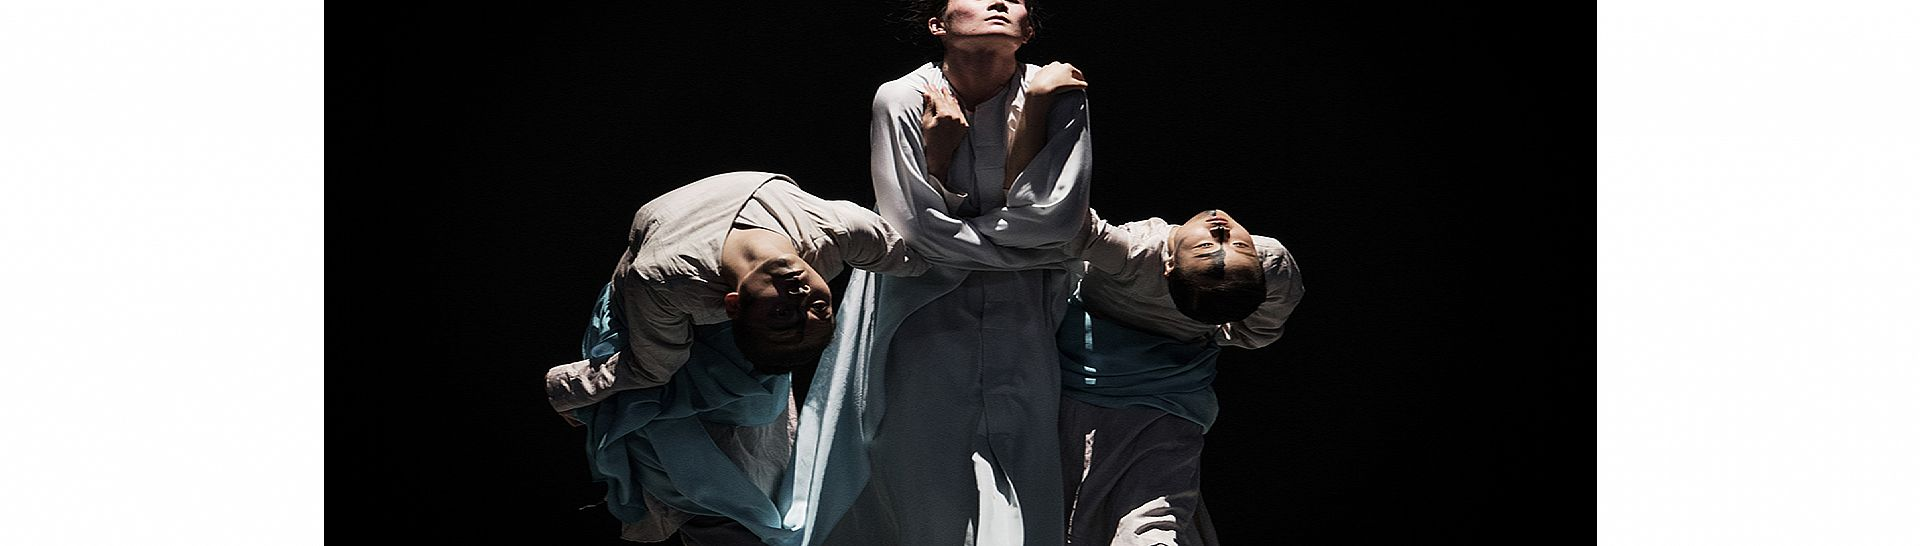 אופרת ירח 03